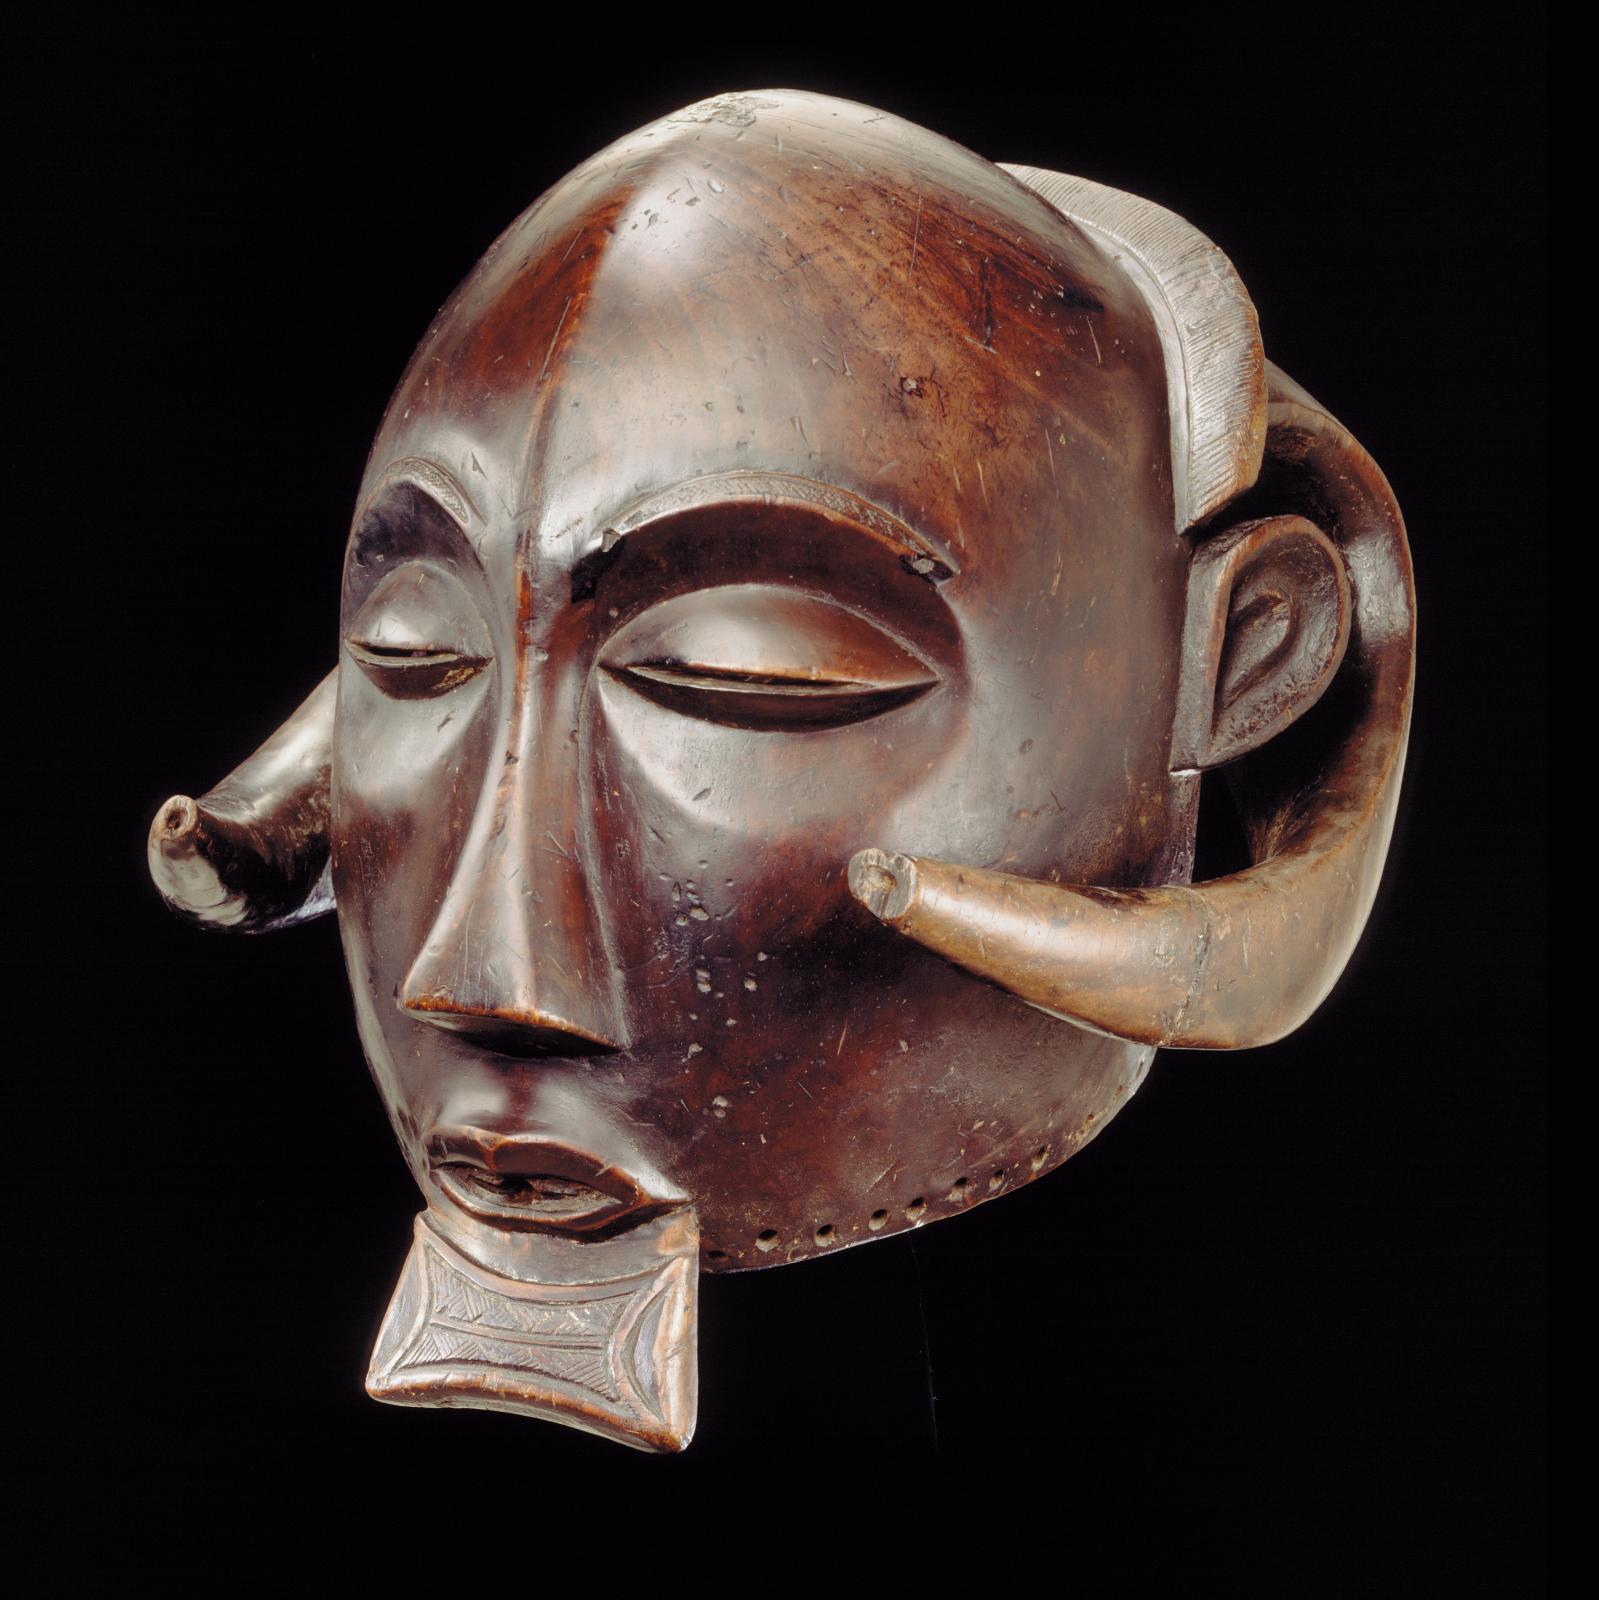 Luba, Katanga, République démocratique du Congo, masque-heaume, bois (Ricinodendron rautanenii), h.39cm.